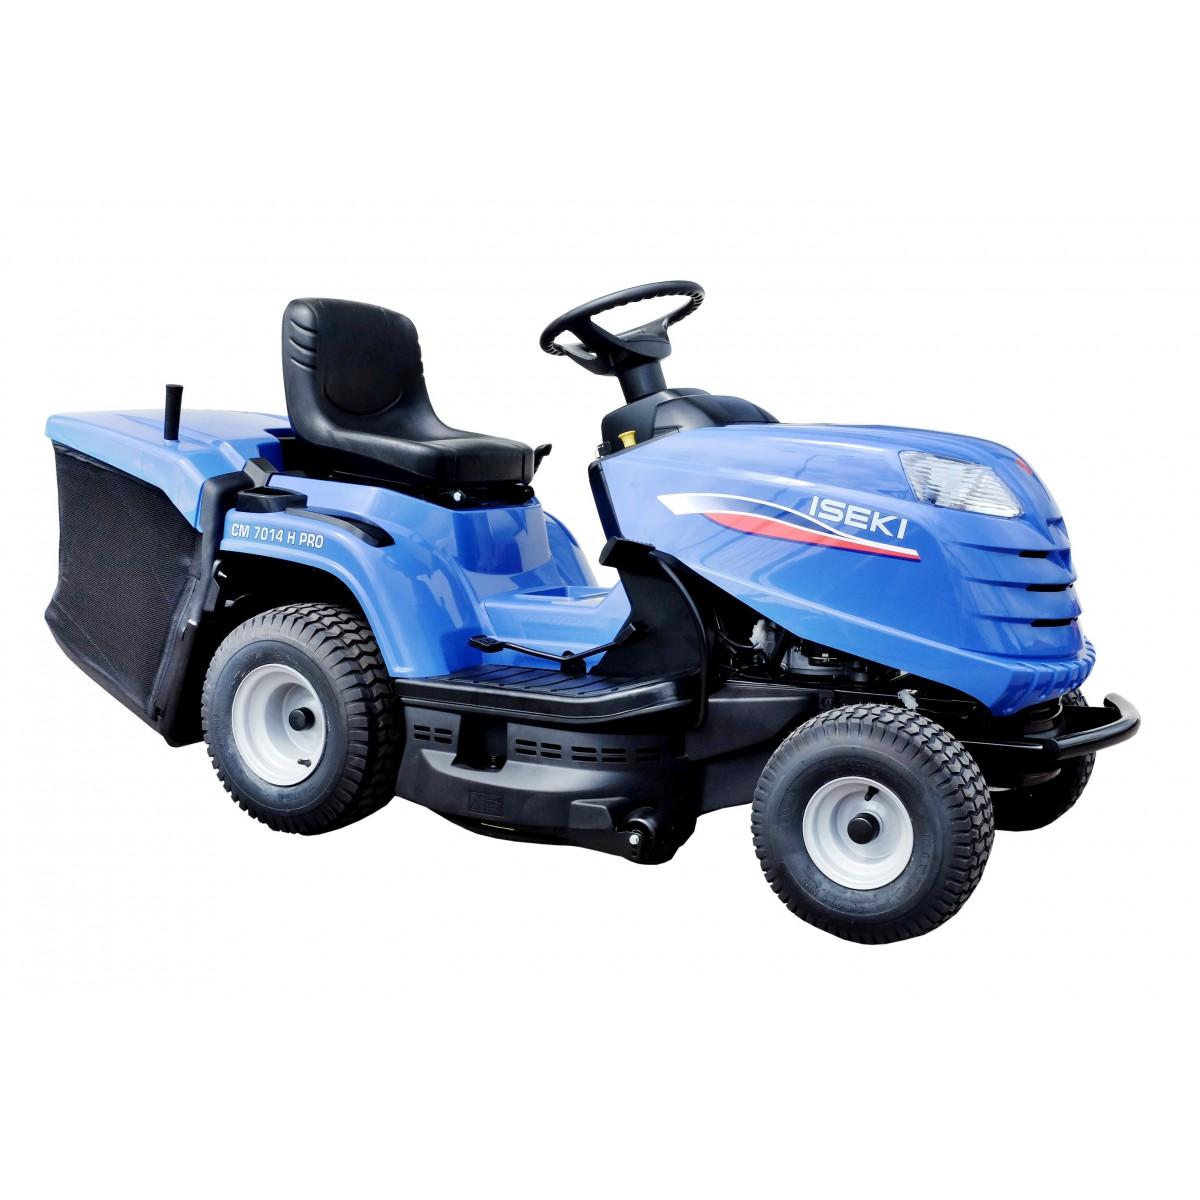 Садовый трактор ISEKI CM 7014 H PRO2